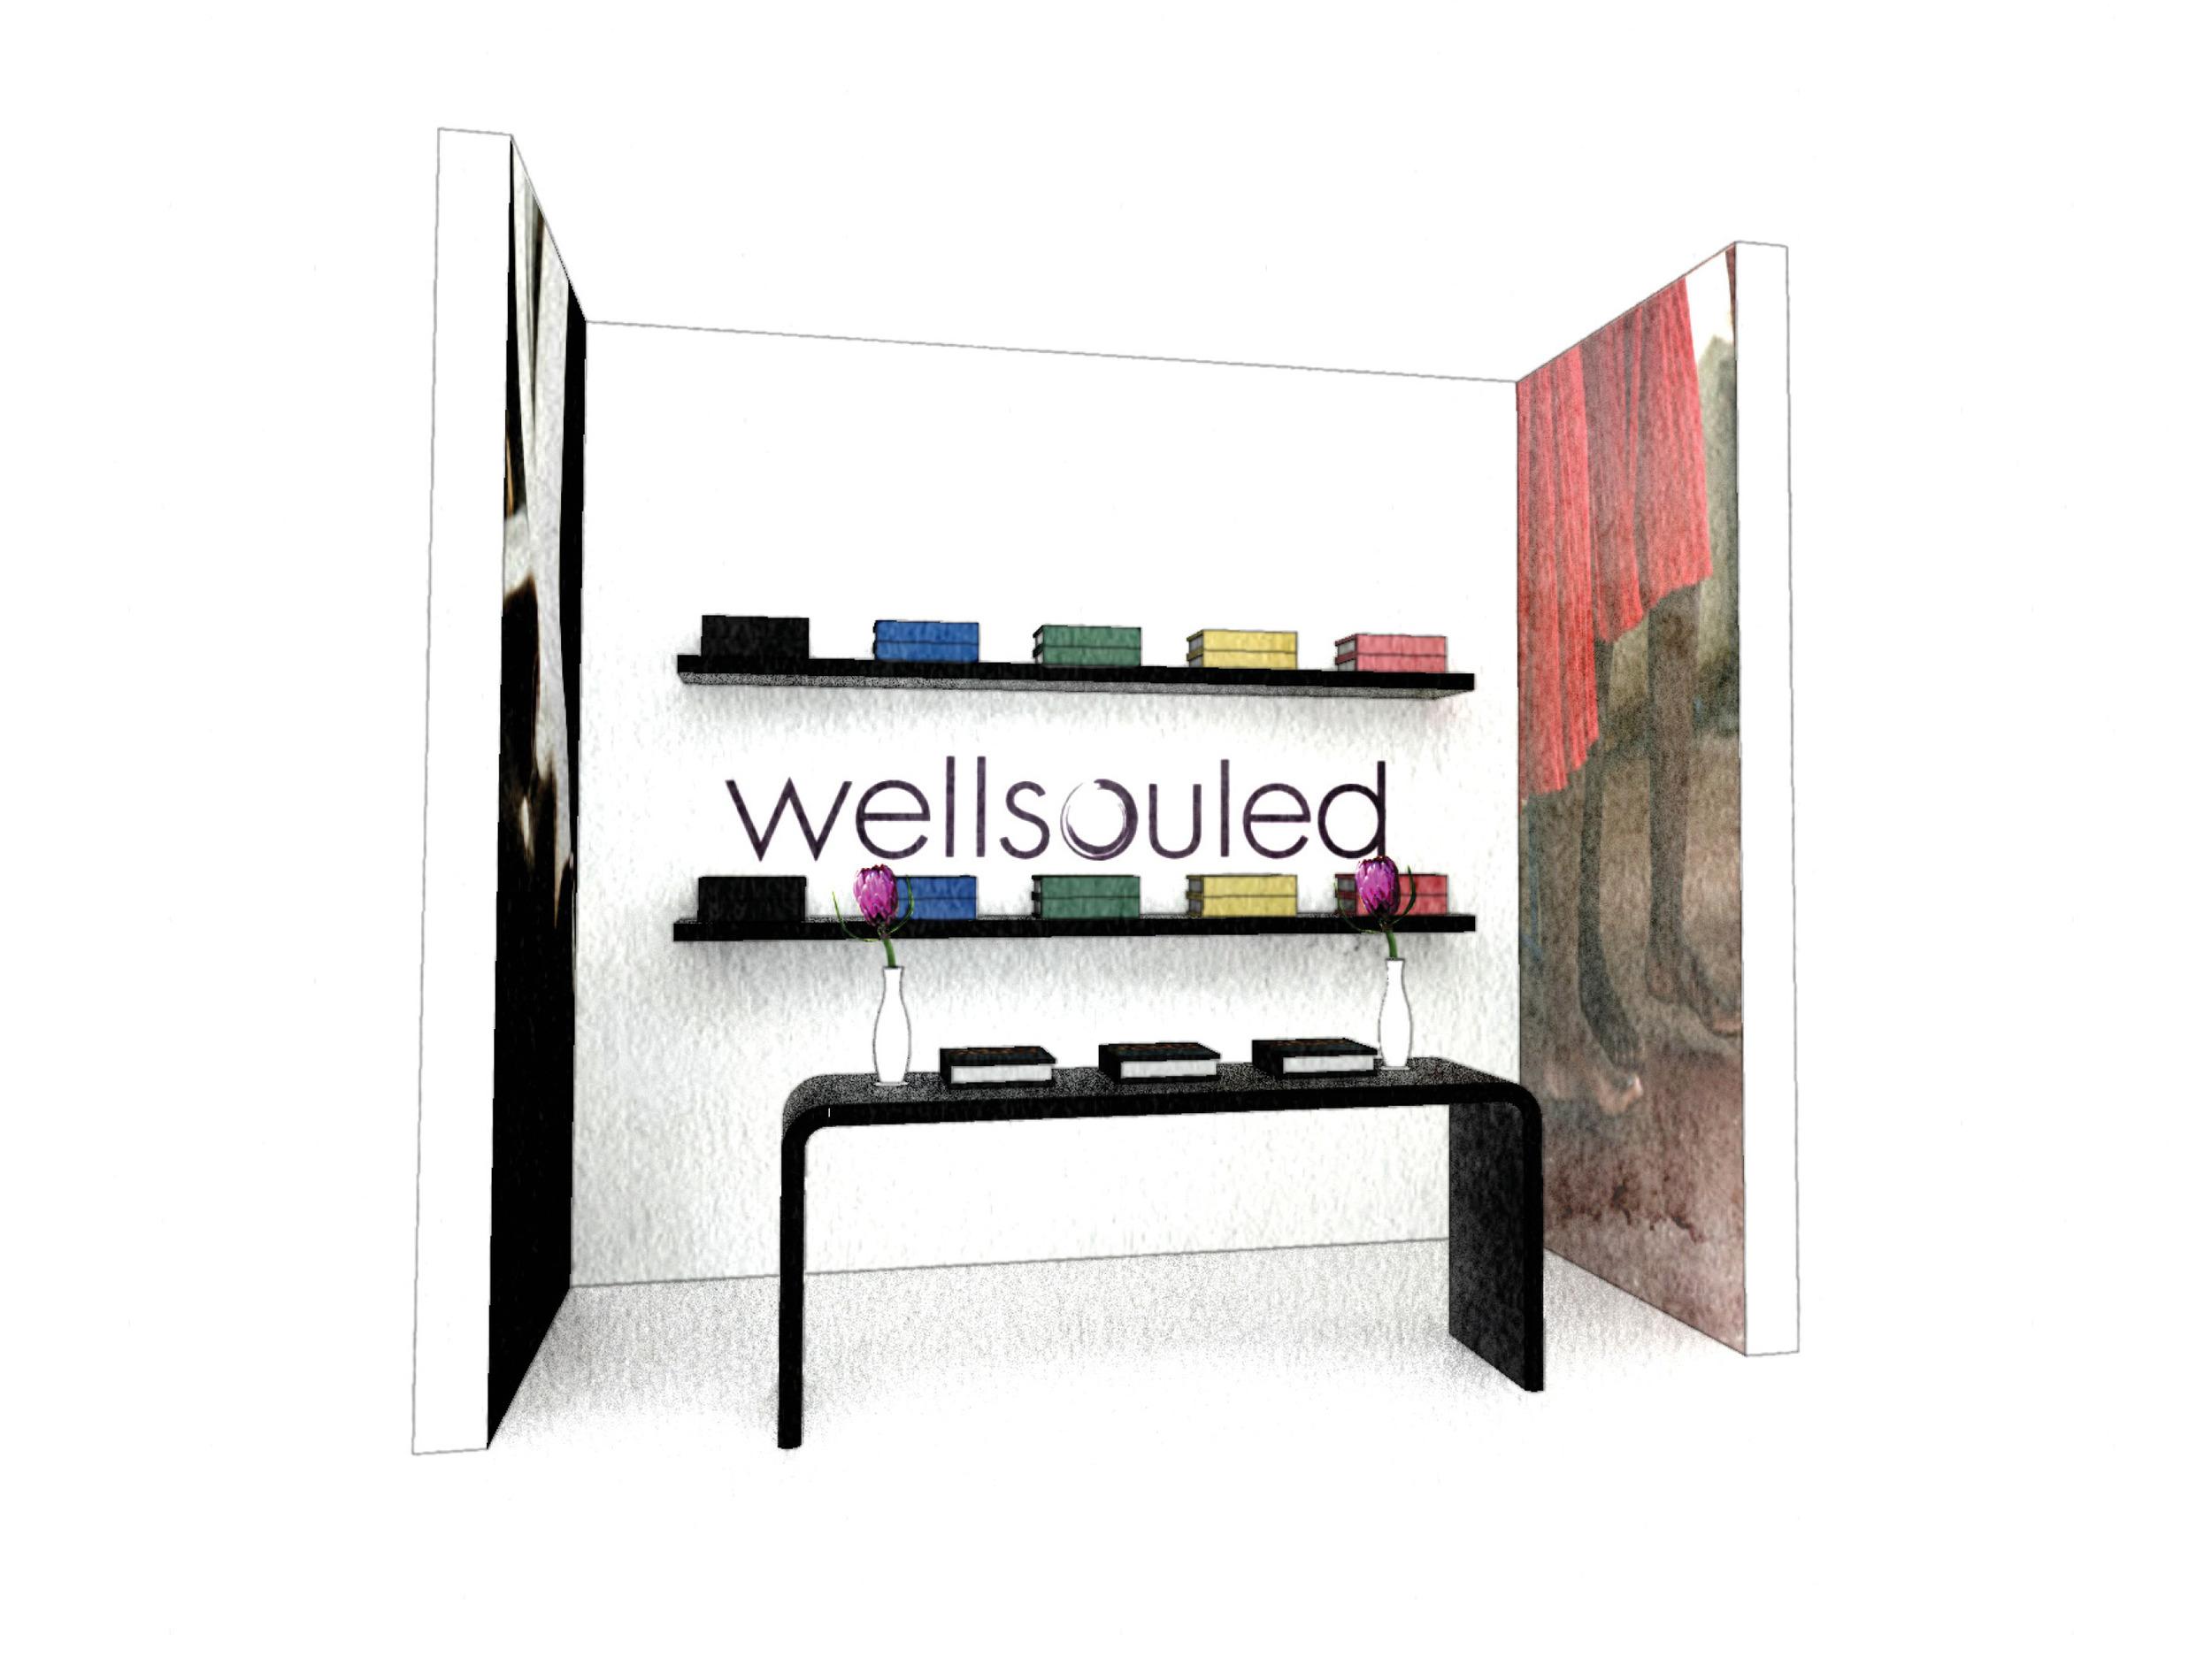 Case Study - Wellsouled21.jpg